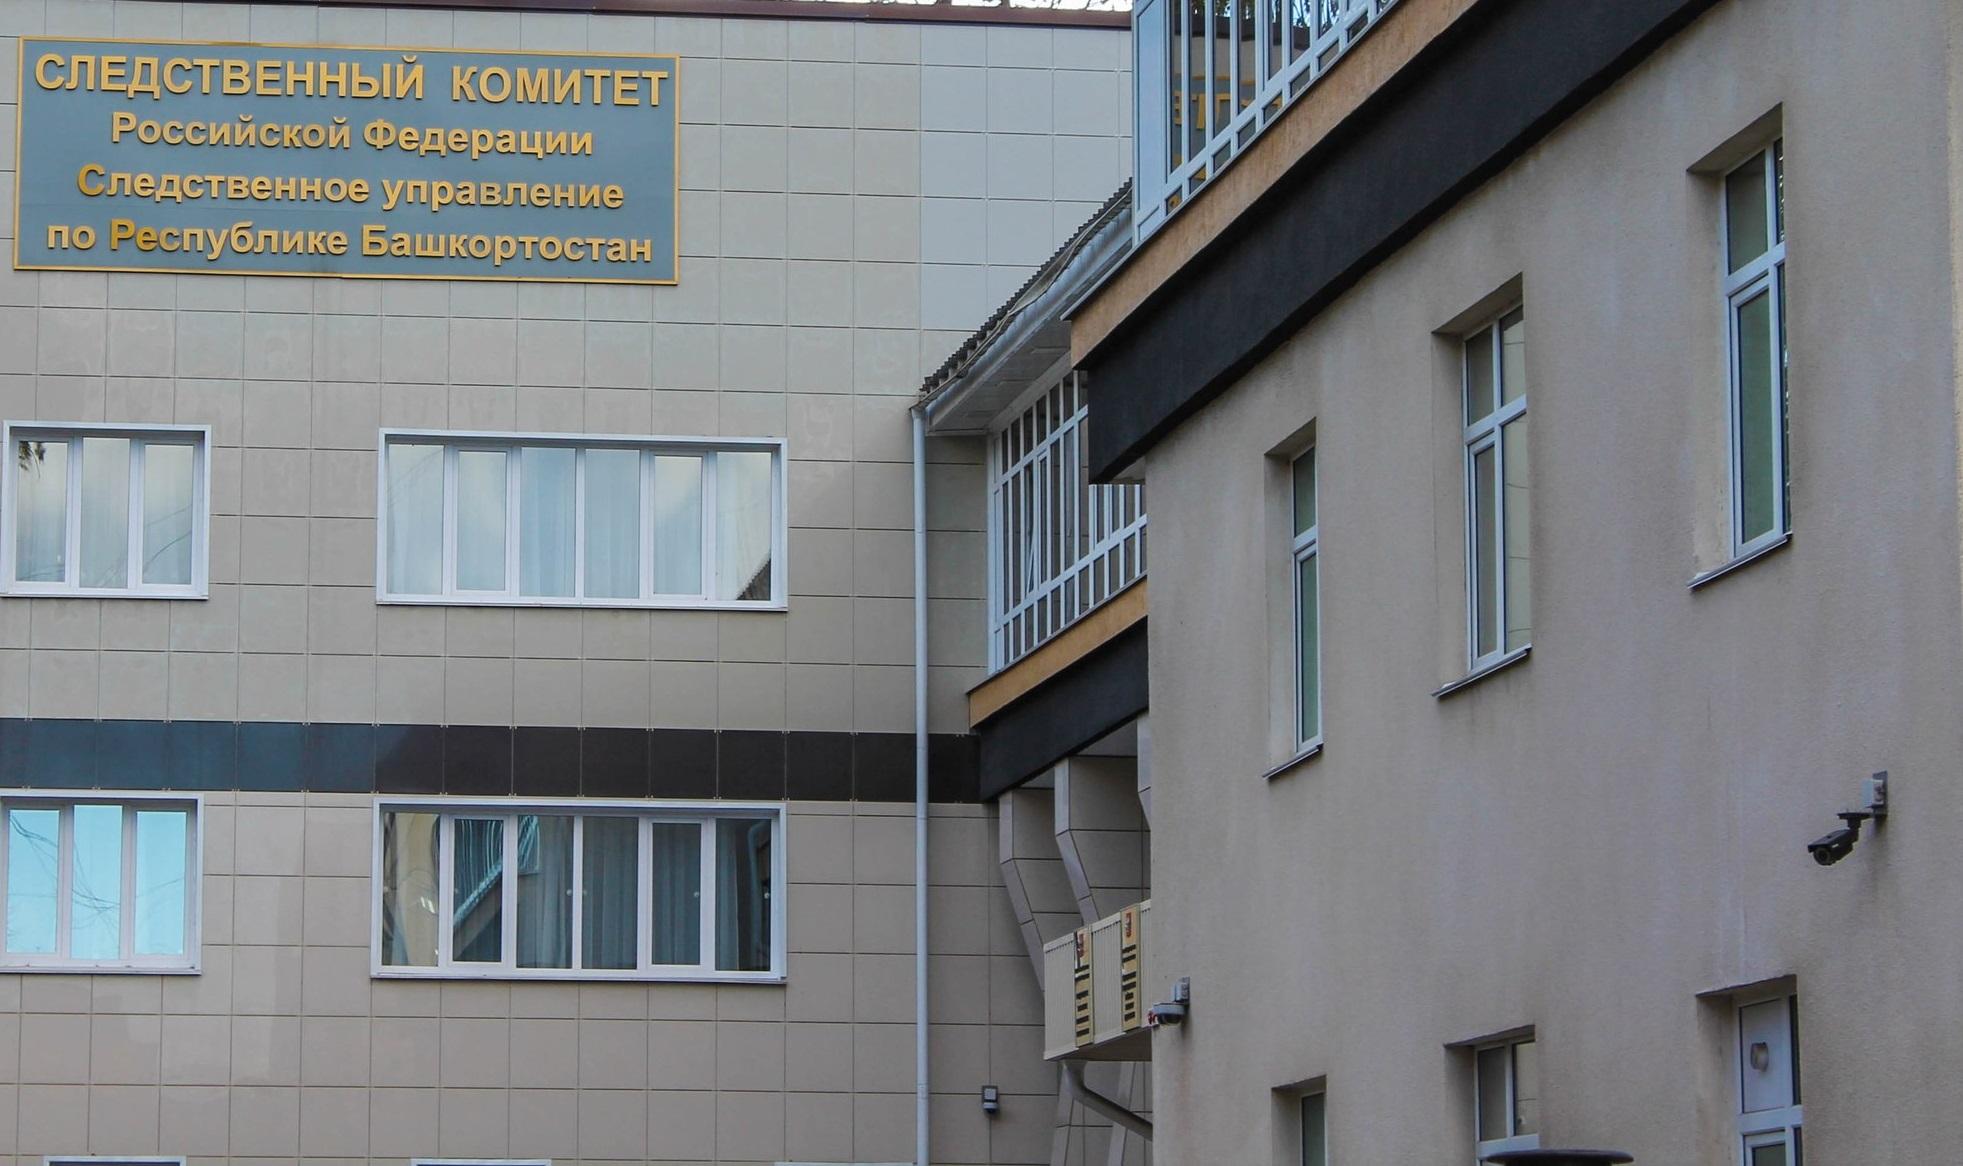 Следственный комитет РБ рассказал подробности обнаружения в квартире тела 44-летней женщины